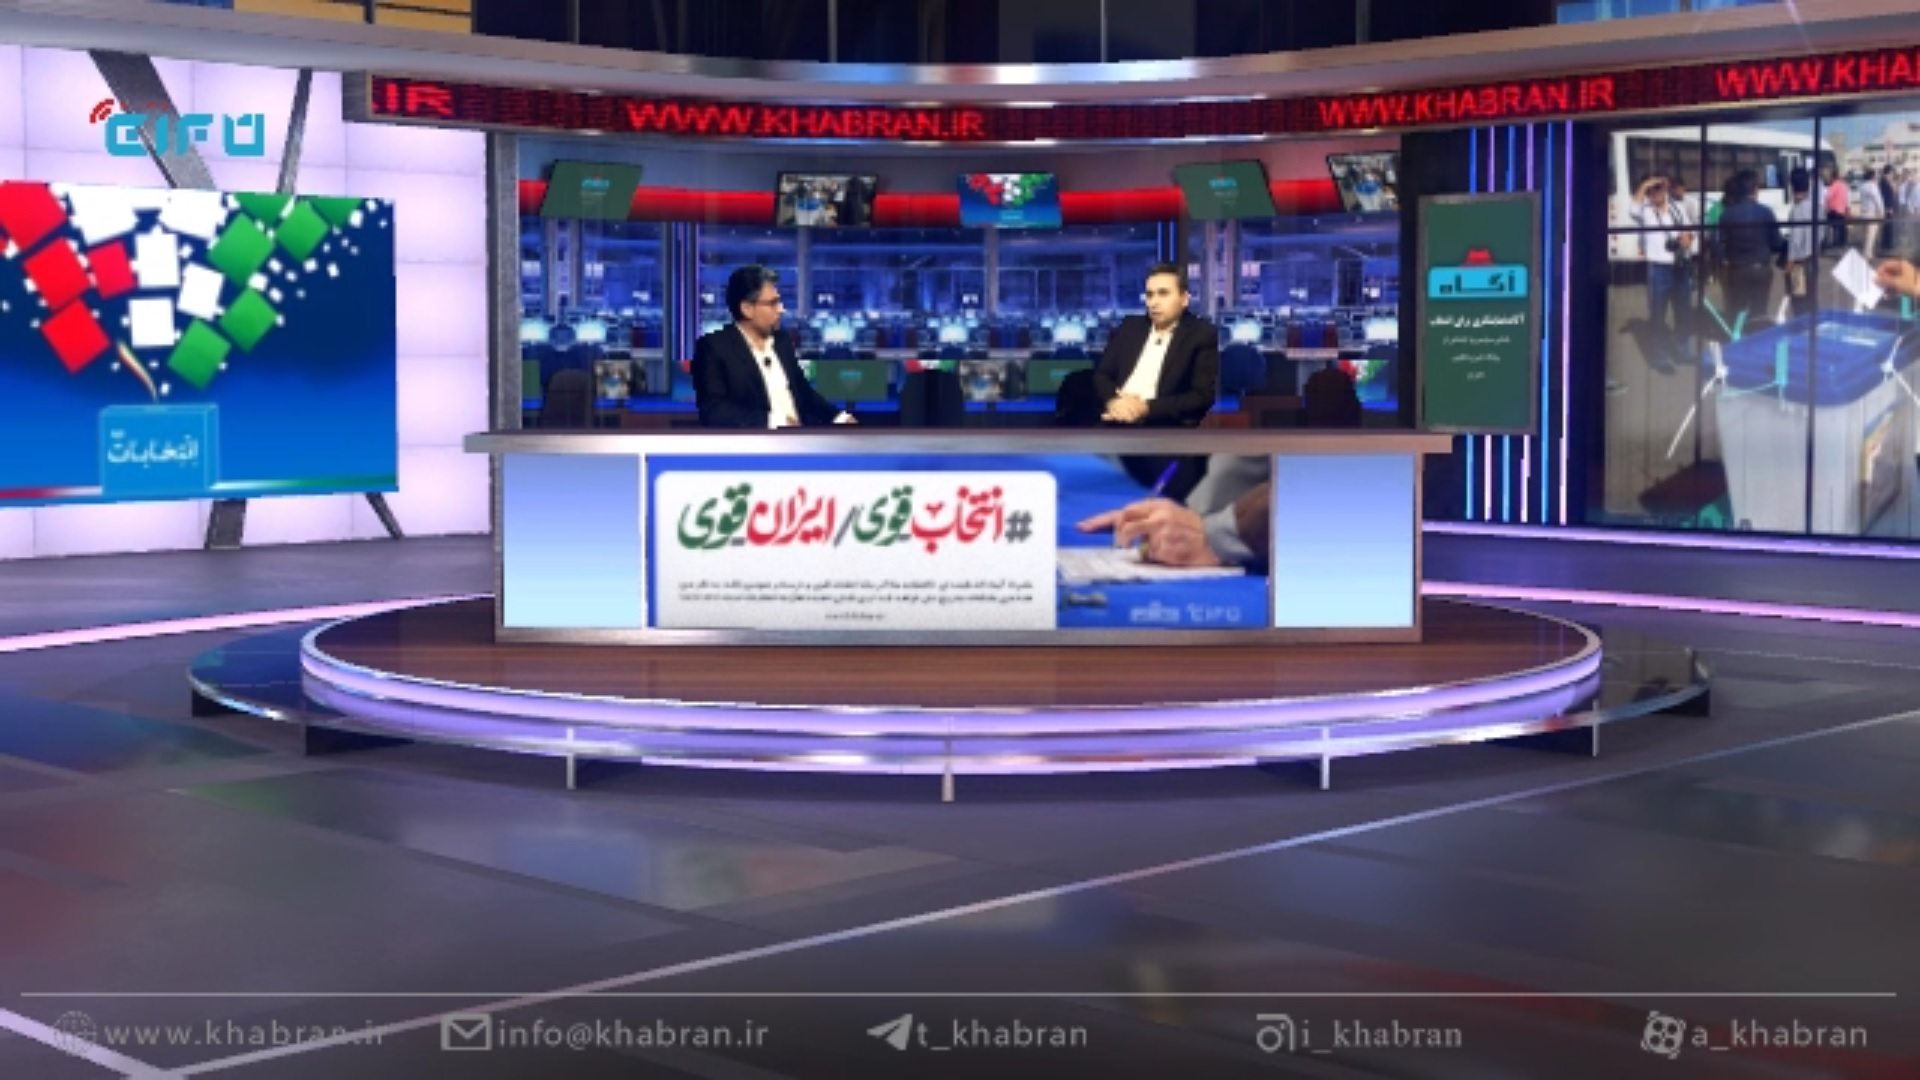 آگاه | قسمت ششم – گفتگو با حسن عموری،کاندیدای ششمین دوره انتخابات شورای شهر رامشیر